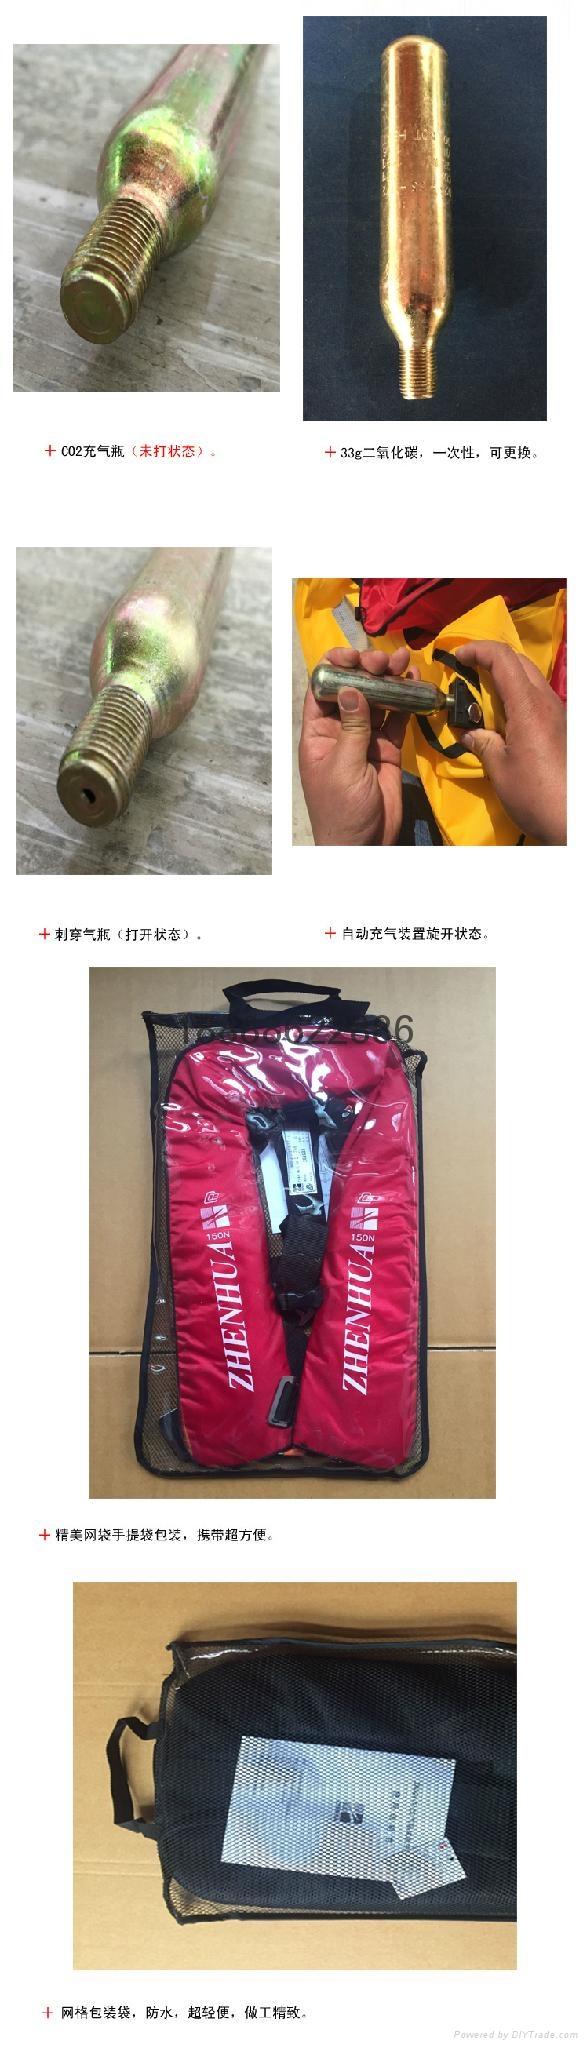 供應ZHAQY(T)ZD-Ⅰ型氣脹式工作救生衣 5